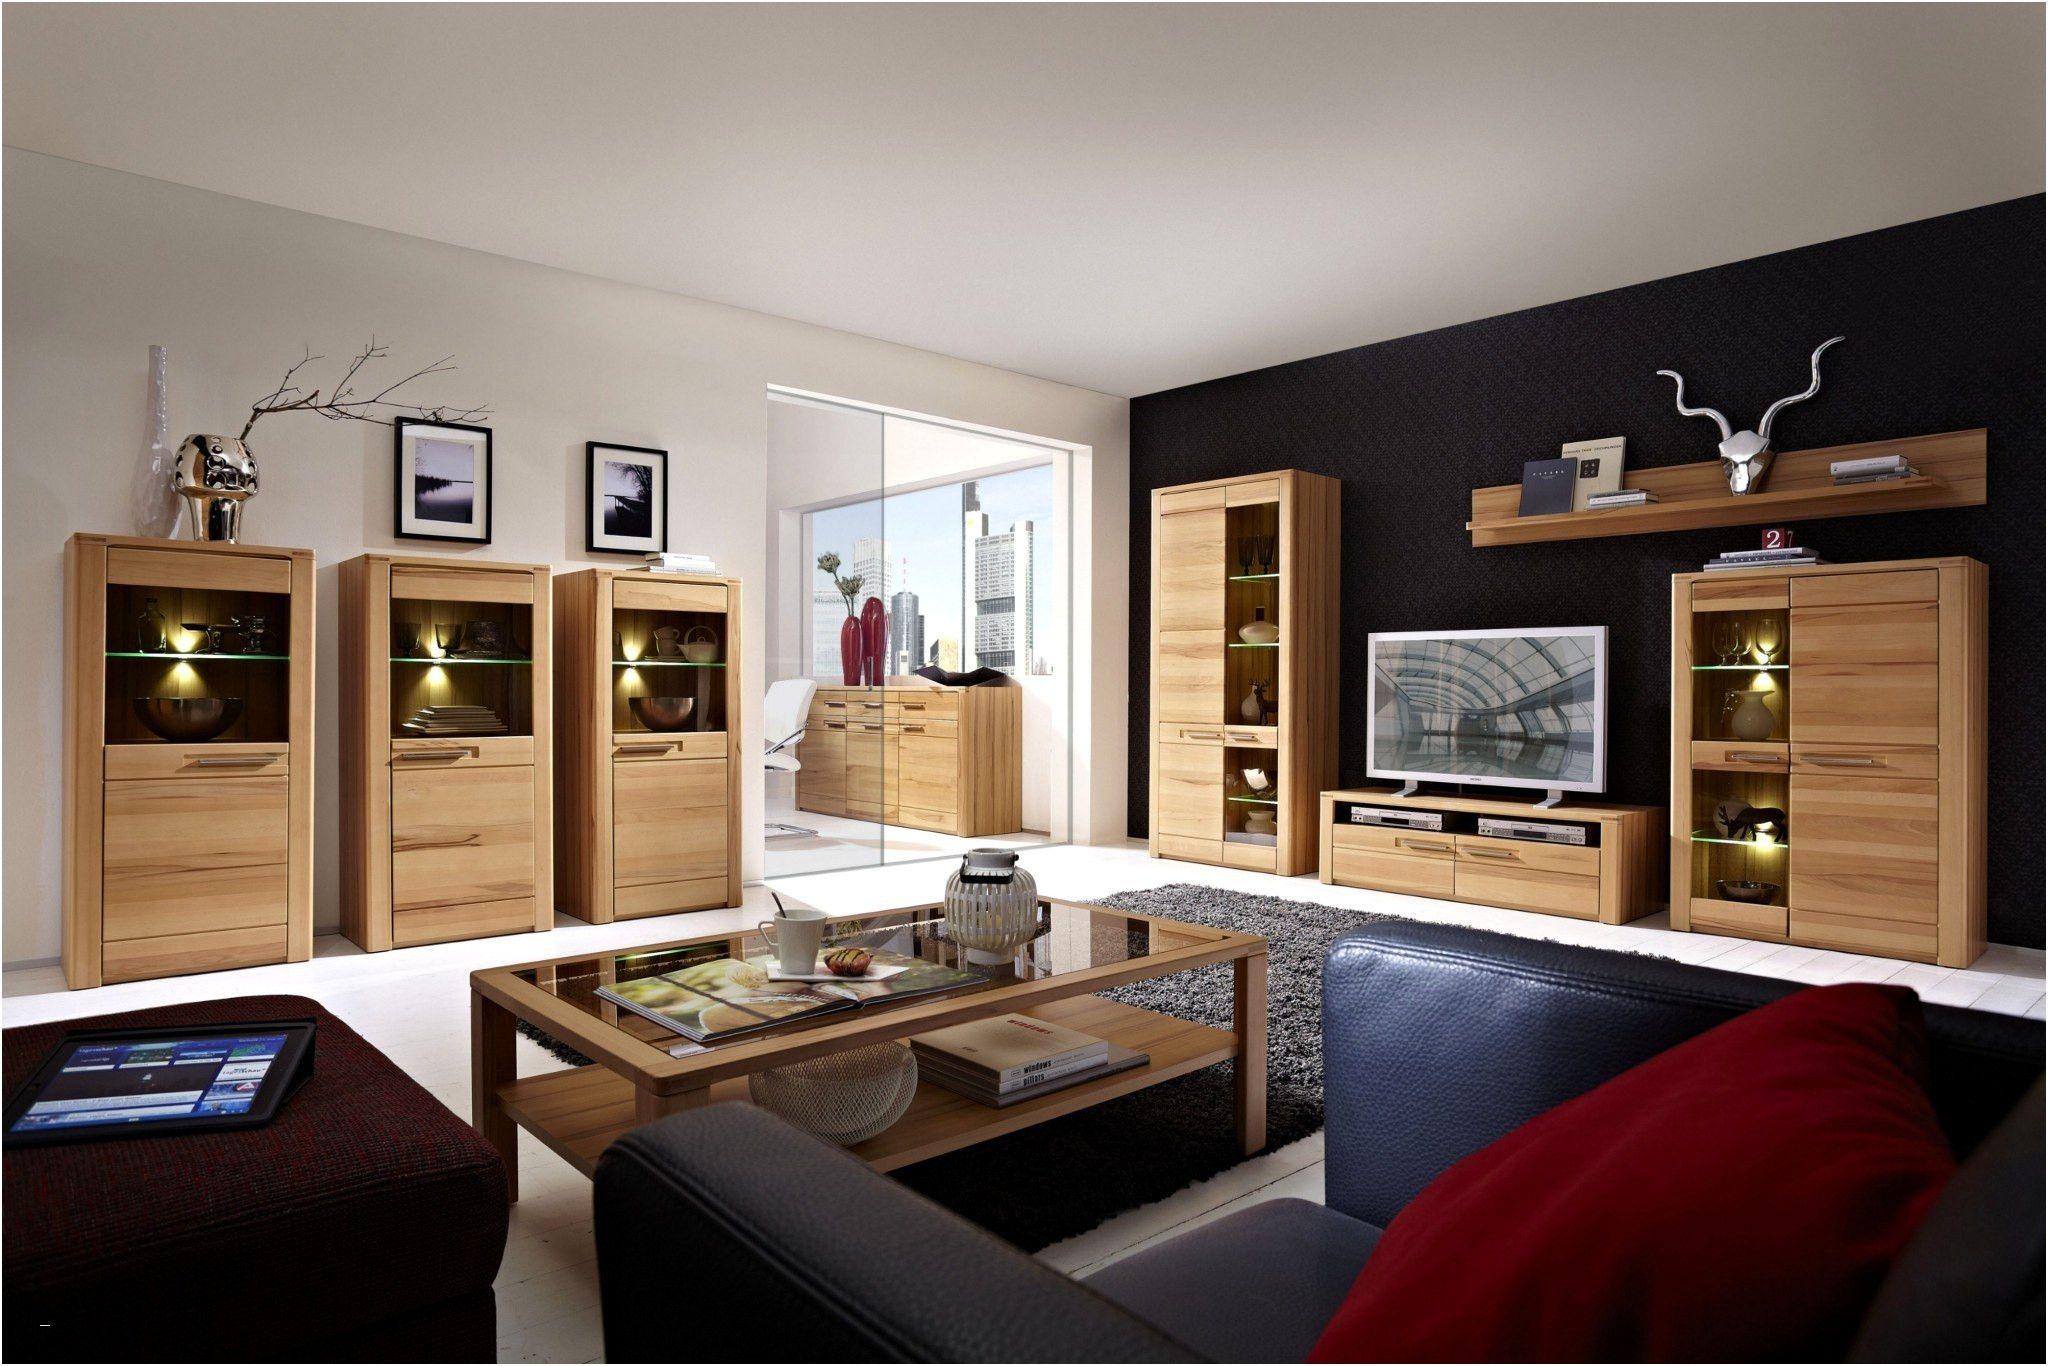 8 Durchschnittlich Bild Von Wohnzimmer Möbel Hardeck  Wohnzimmer